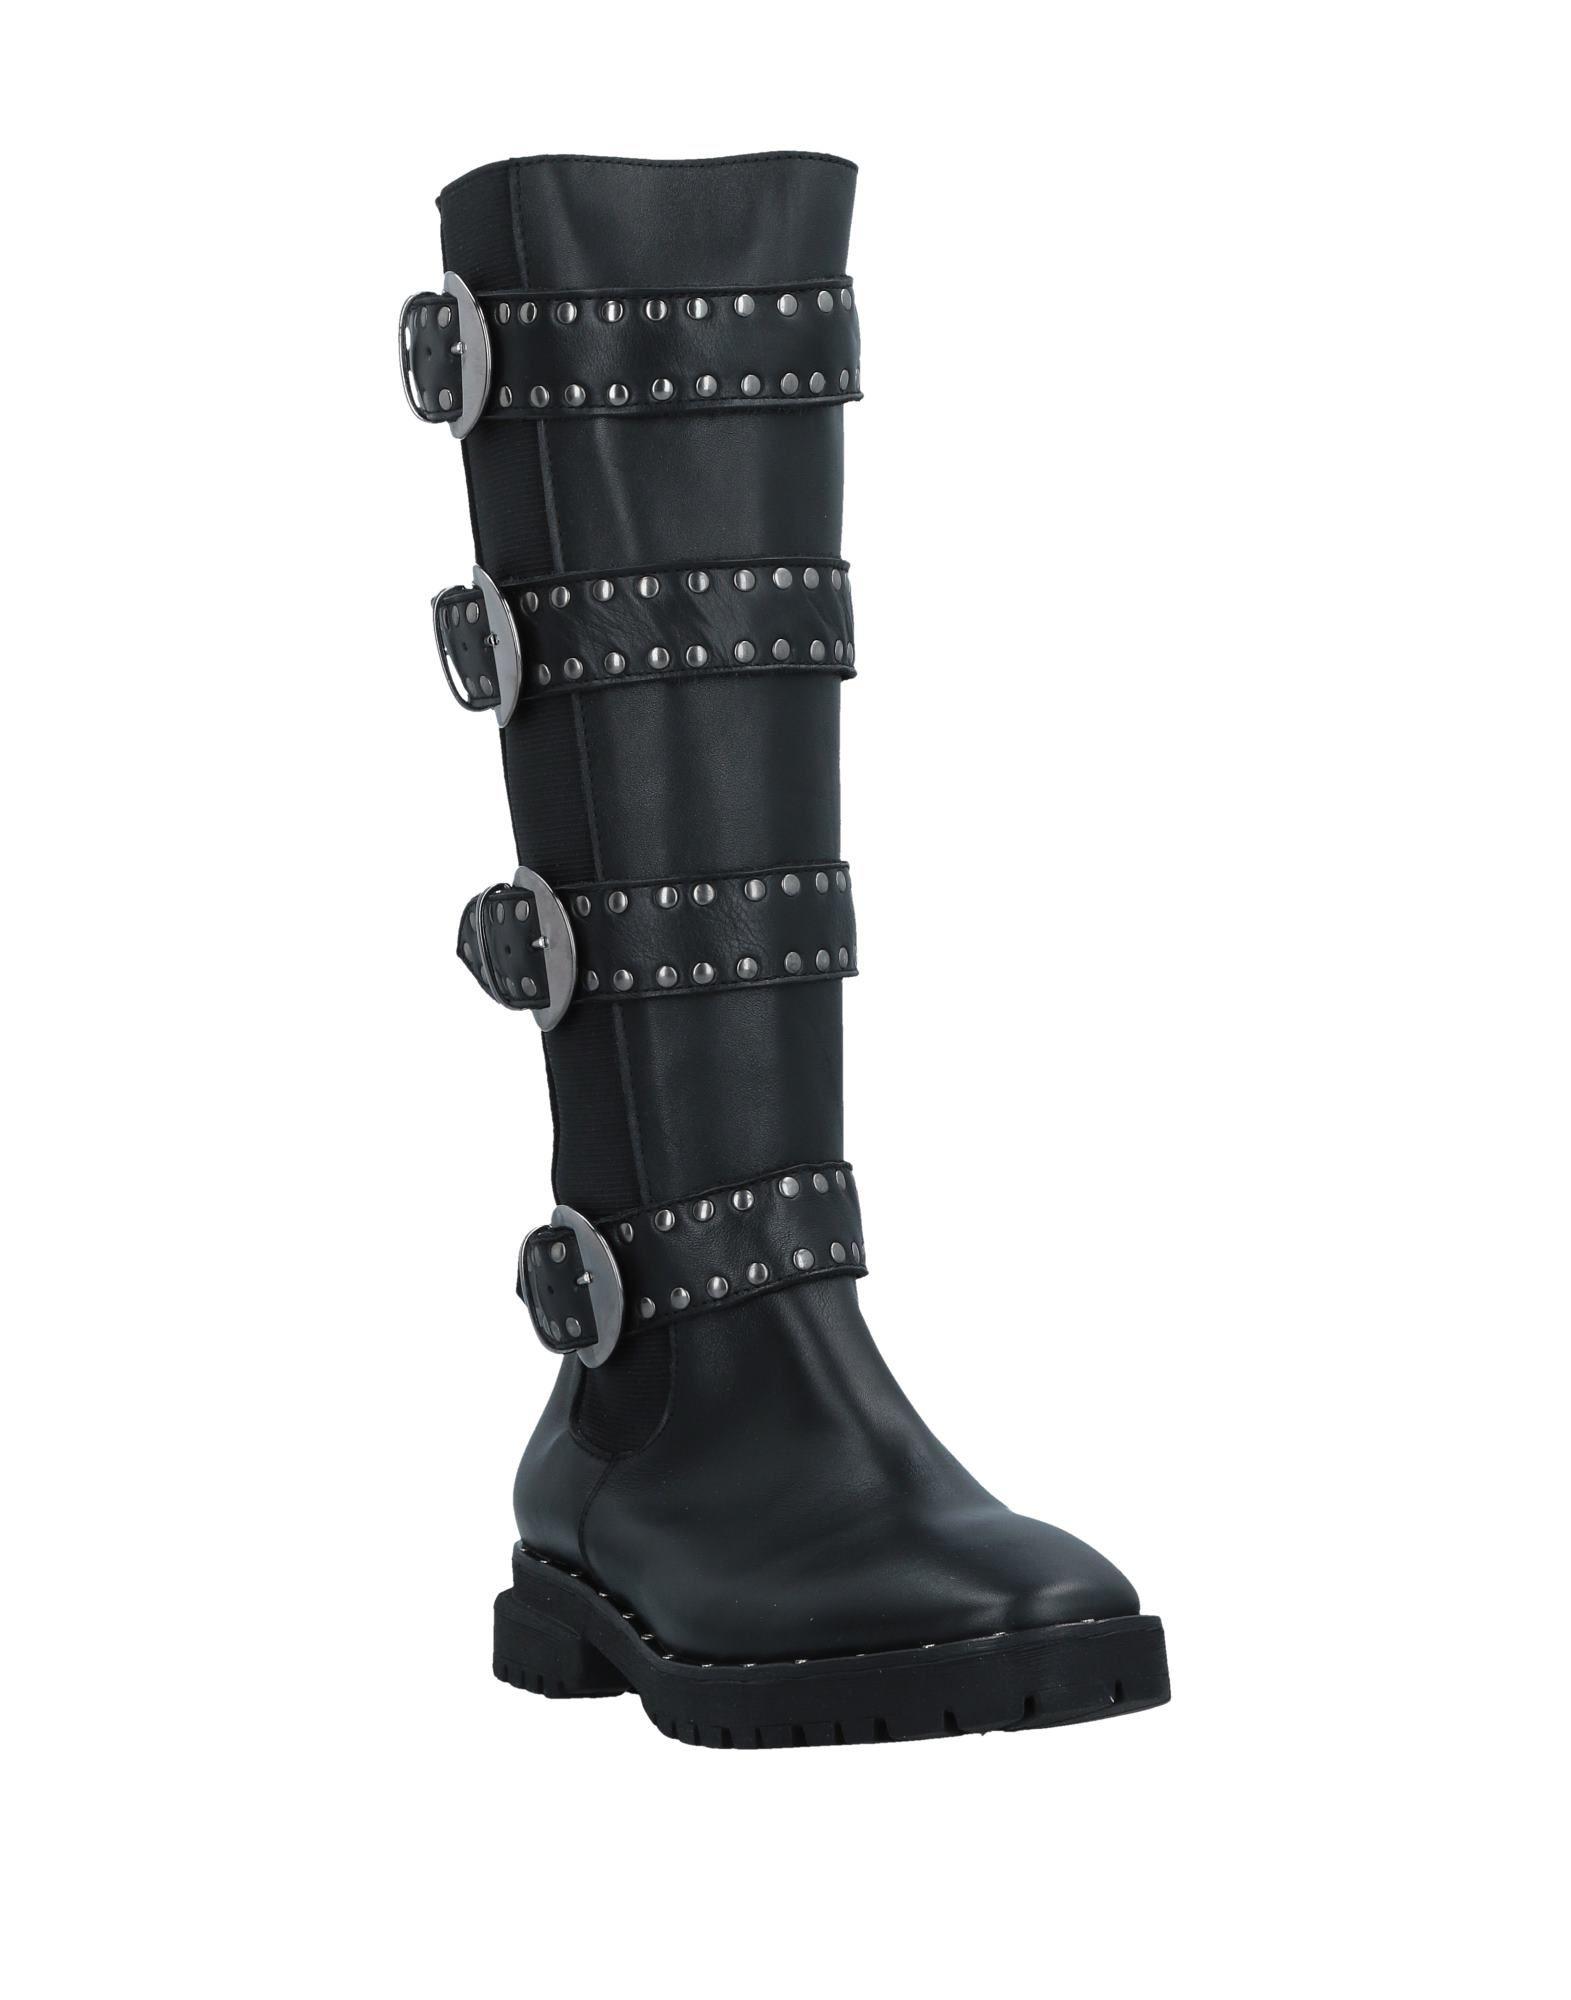 Chocolà Stiefel Damen Damen Stiefel  11531916PE 6c85d8